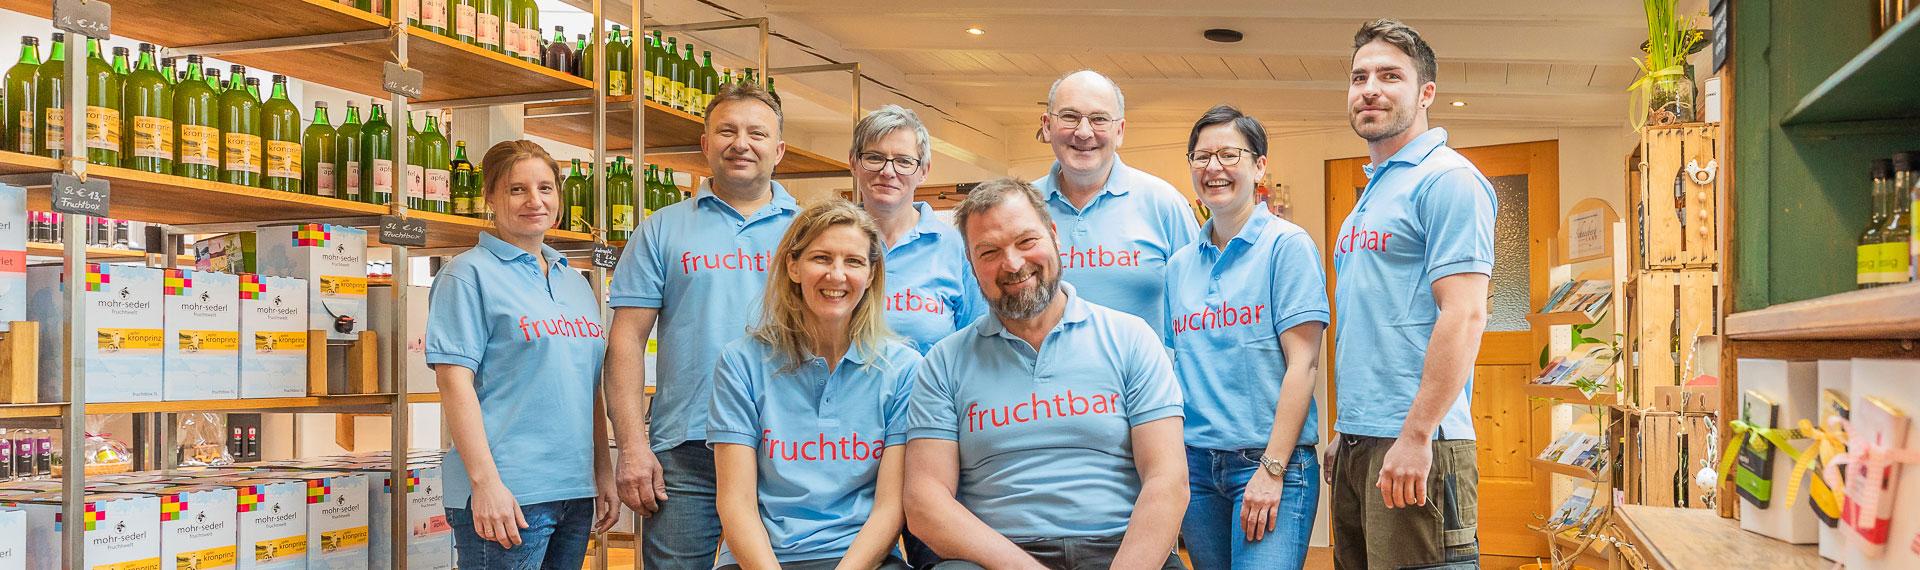 Mohr-Sederl Fruchtwelt |Team